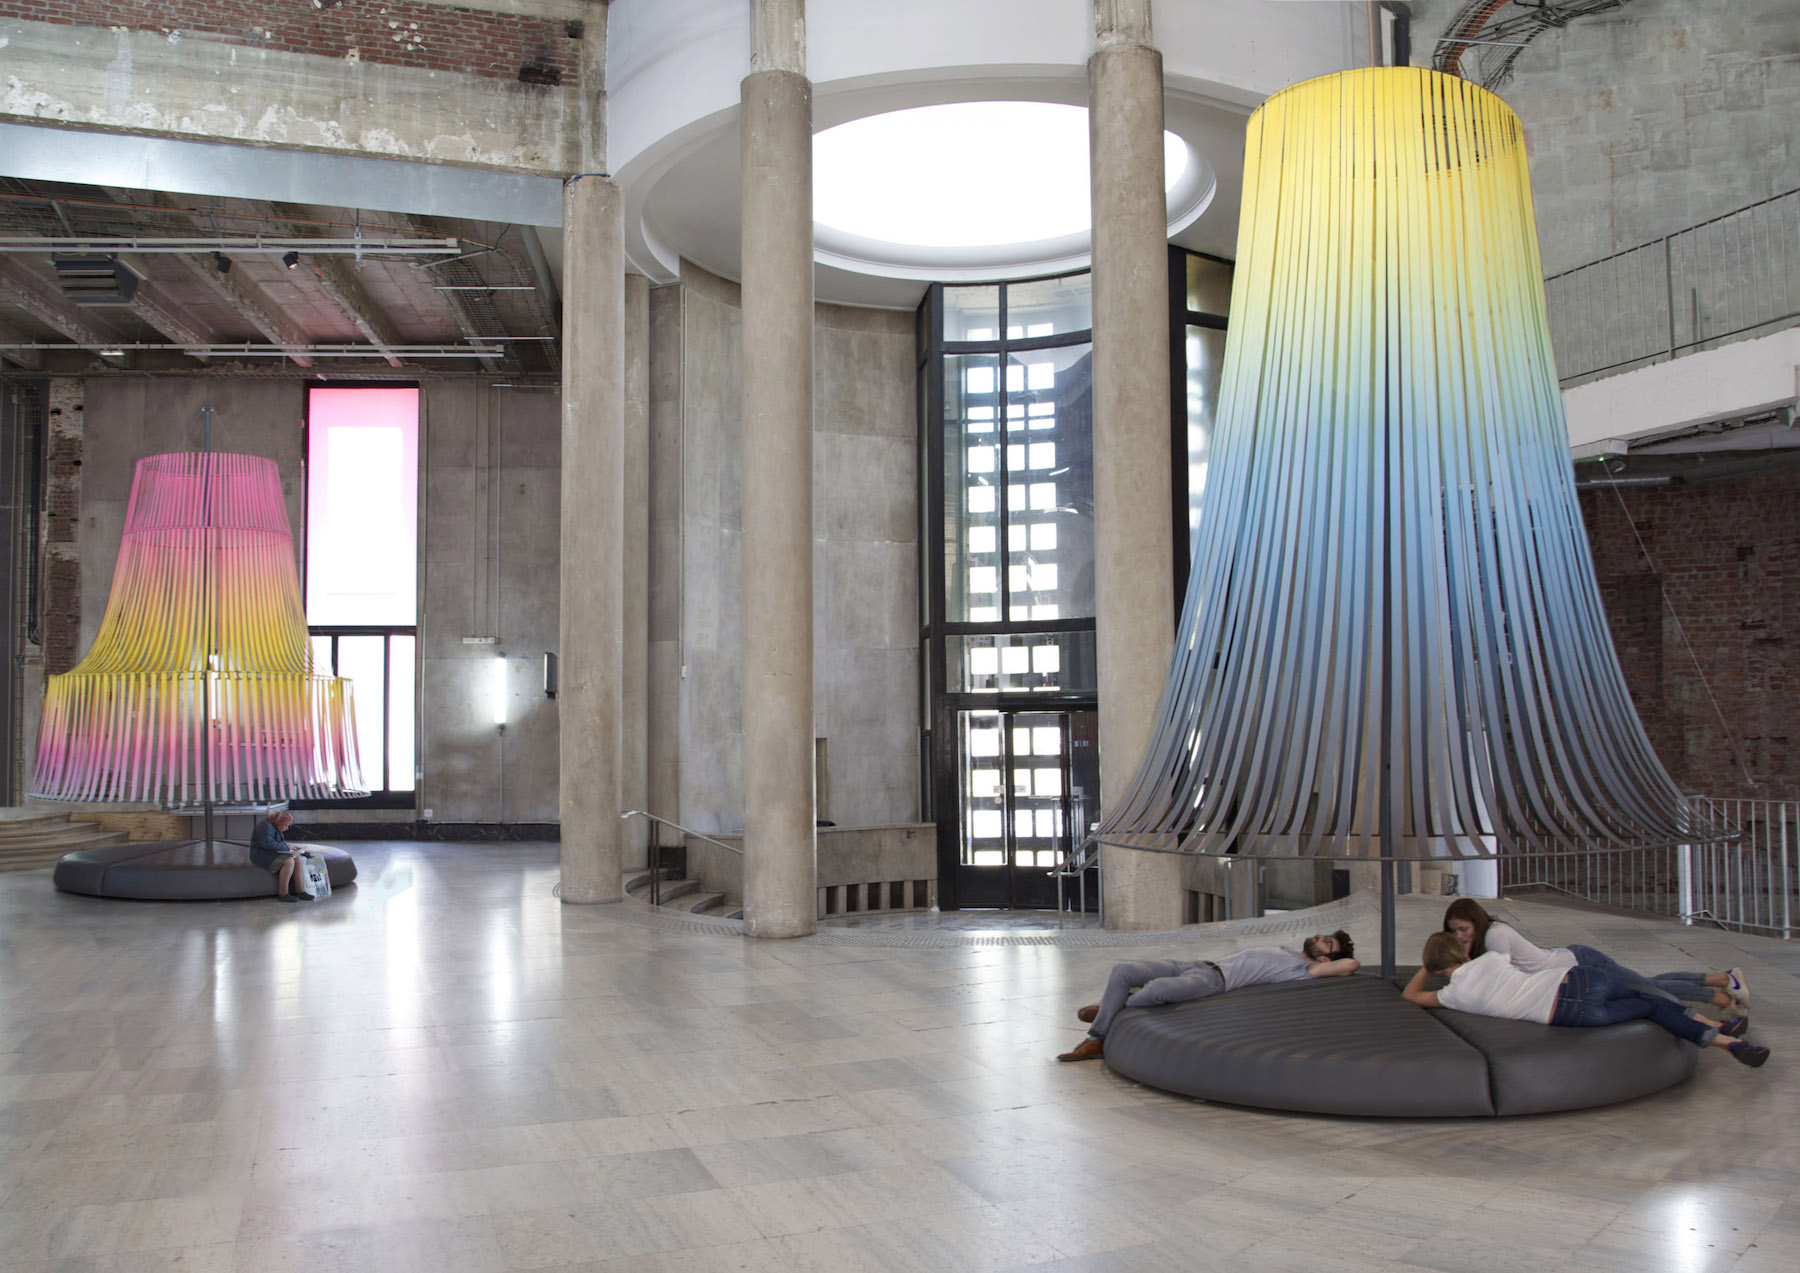 Trois conversations, Installation, Palais de Tokyo, 2014, image © Constance Guisset Studio